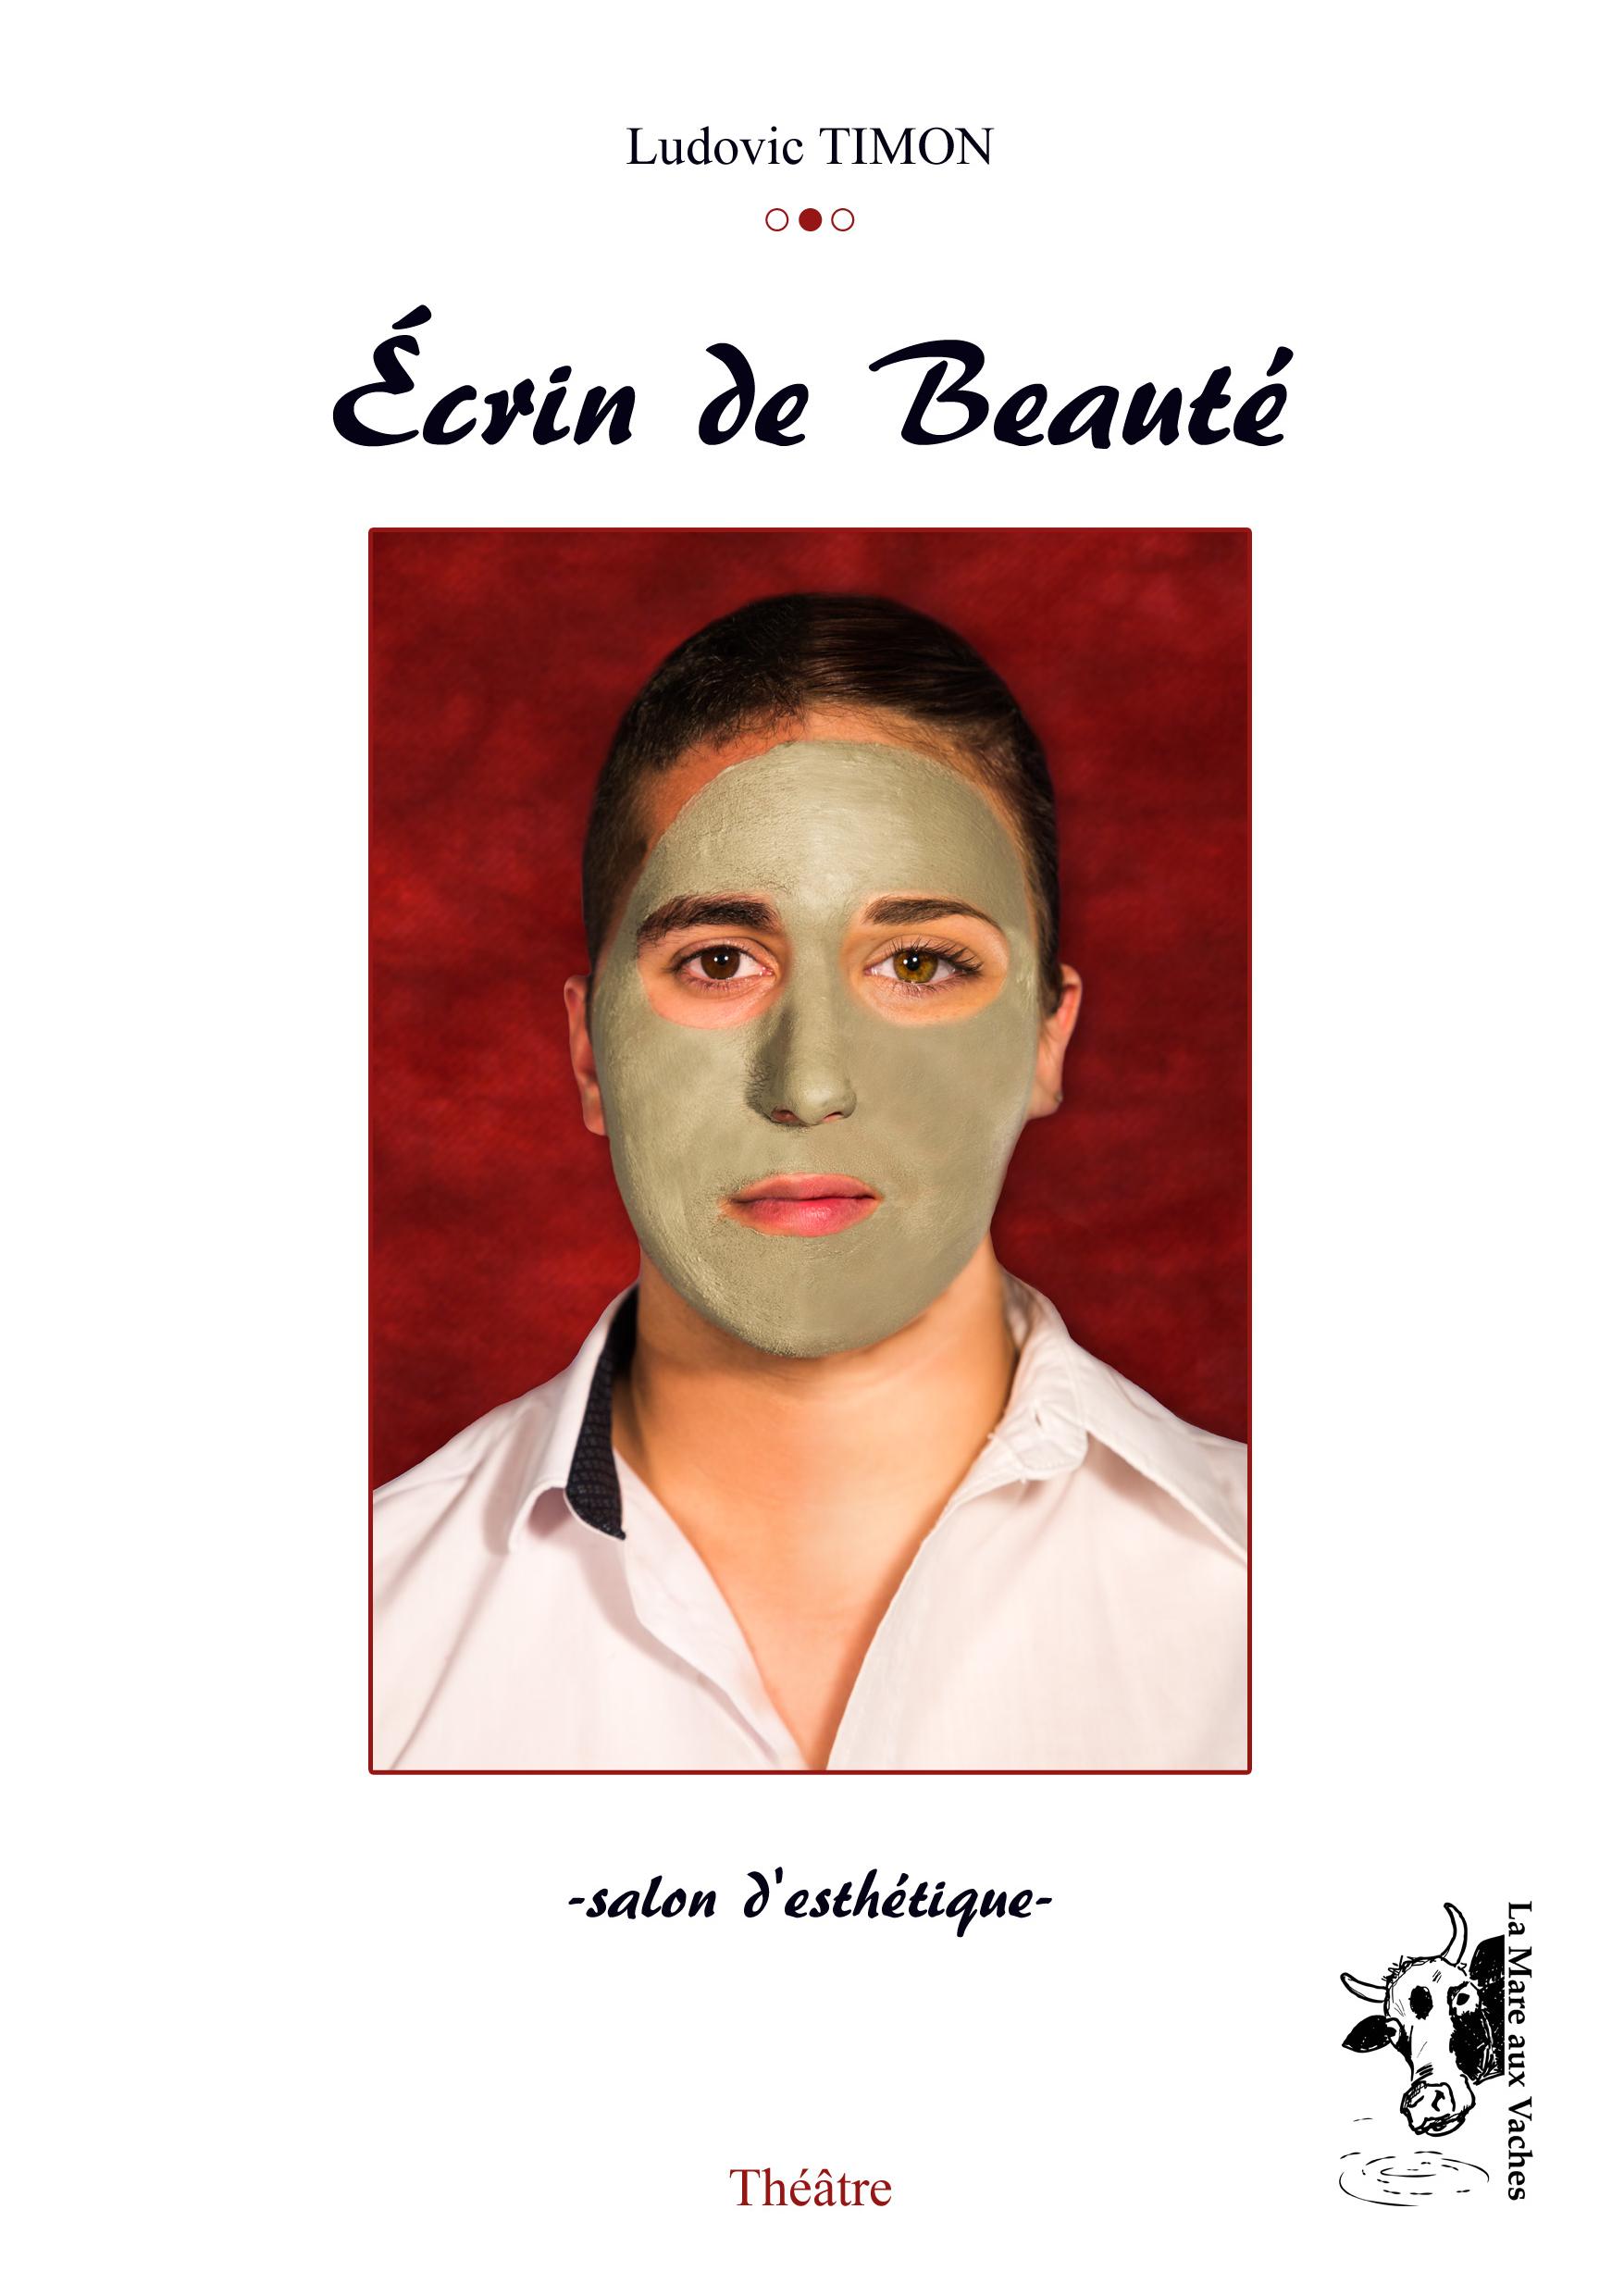 ECRIN DE BEAUTE, salon d'esthétique